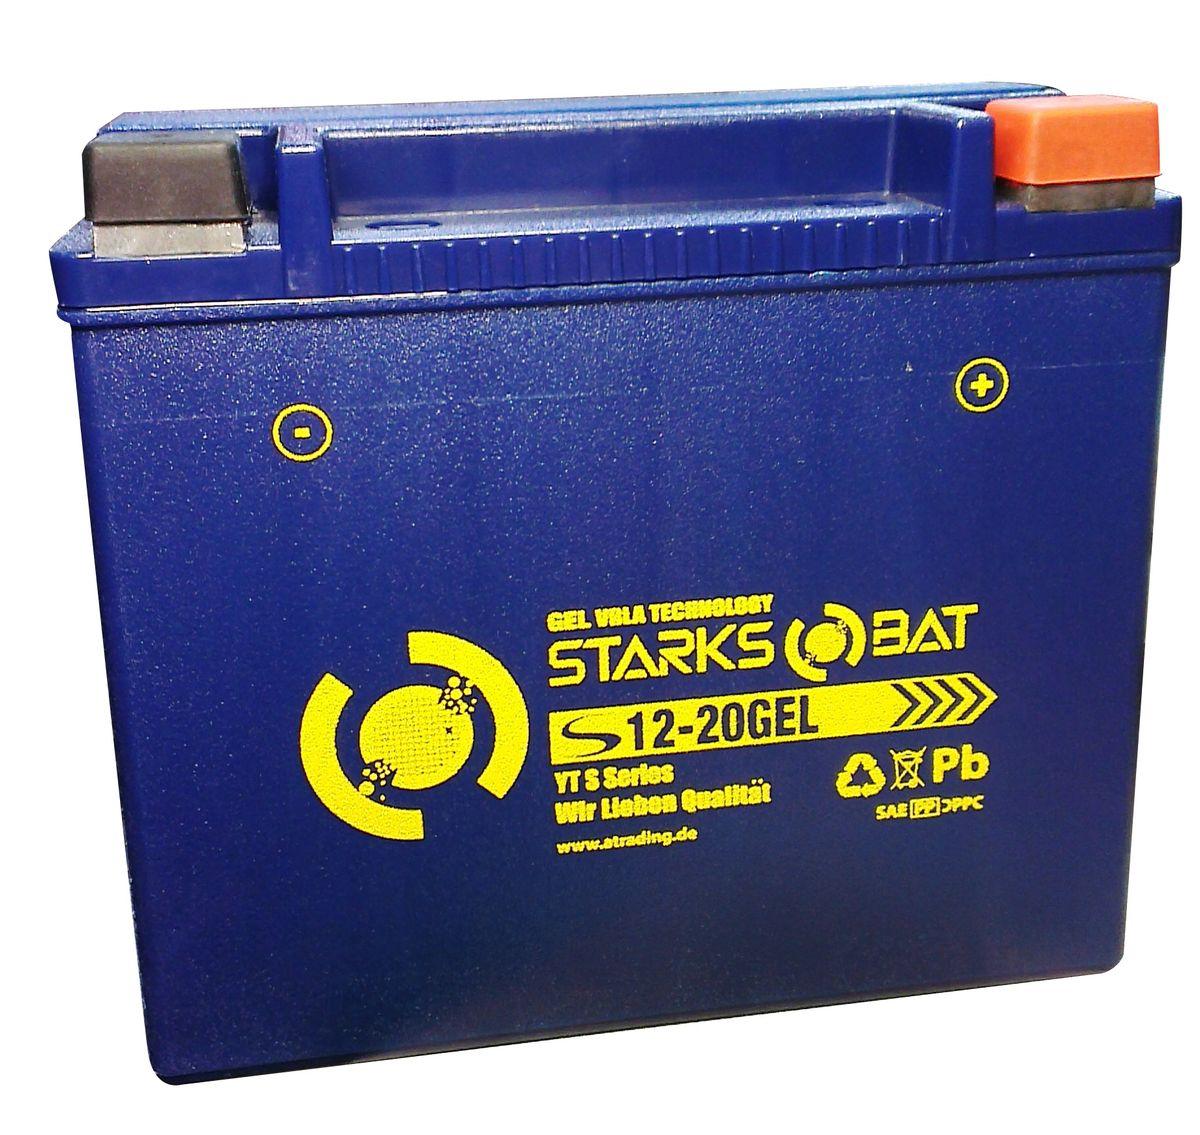 Батарея аккумуляторная для мотоциклов Starksbat. YT S 12-20 GEL (YTX20L-BS)YT S 12-20YT S 12-20 GEL (YTX20L-BS, YTX20HL-BS, YB16CL-B, YB16L-B, YB18L-A) Аккумуляторы для мотоциклов STARKSBAT производятся немецким концерном Active Trading GmbH. Аккумуляторы STARKSBAT изготовлены по технологии AGM, обеспечивающей повышенный уровень безопасности батареи и удобство ее эксплуатации. Корпус АКБ STARKSBAT выполнен из особо ударопрочного и морозостойкого полипропилена. Аккумуляторы STARKSBAT длительное время успешно продаются в США и Канаде, где блестяще доказали свои высокие эксплуатационные свойства в самых экстремальных условиях бездорожья, высоких и низких температур. Аккумуляторные батареи STARKSBAT производятся под знаменитым Немецким контролем качества, что обеспечивает им высокие пусковые характеристики и восстановление емкости даже после глубокого разряда. YT S 12-20 GEL Technology (YTX20L-BS, YTX20HL-BS, YB16CL-B, YB16L-B, YB18L-A) Параметры аккумулятора: Напряжение (В): 12 Емкость (А/Ч): 18 Размеры (мм): 175х87х155 Полярность: Обратная (- +) Ток холодной...